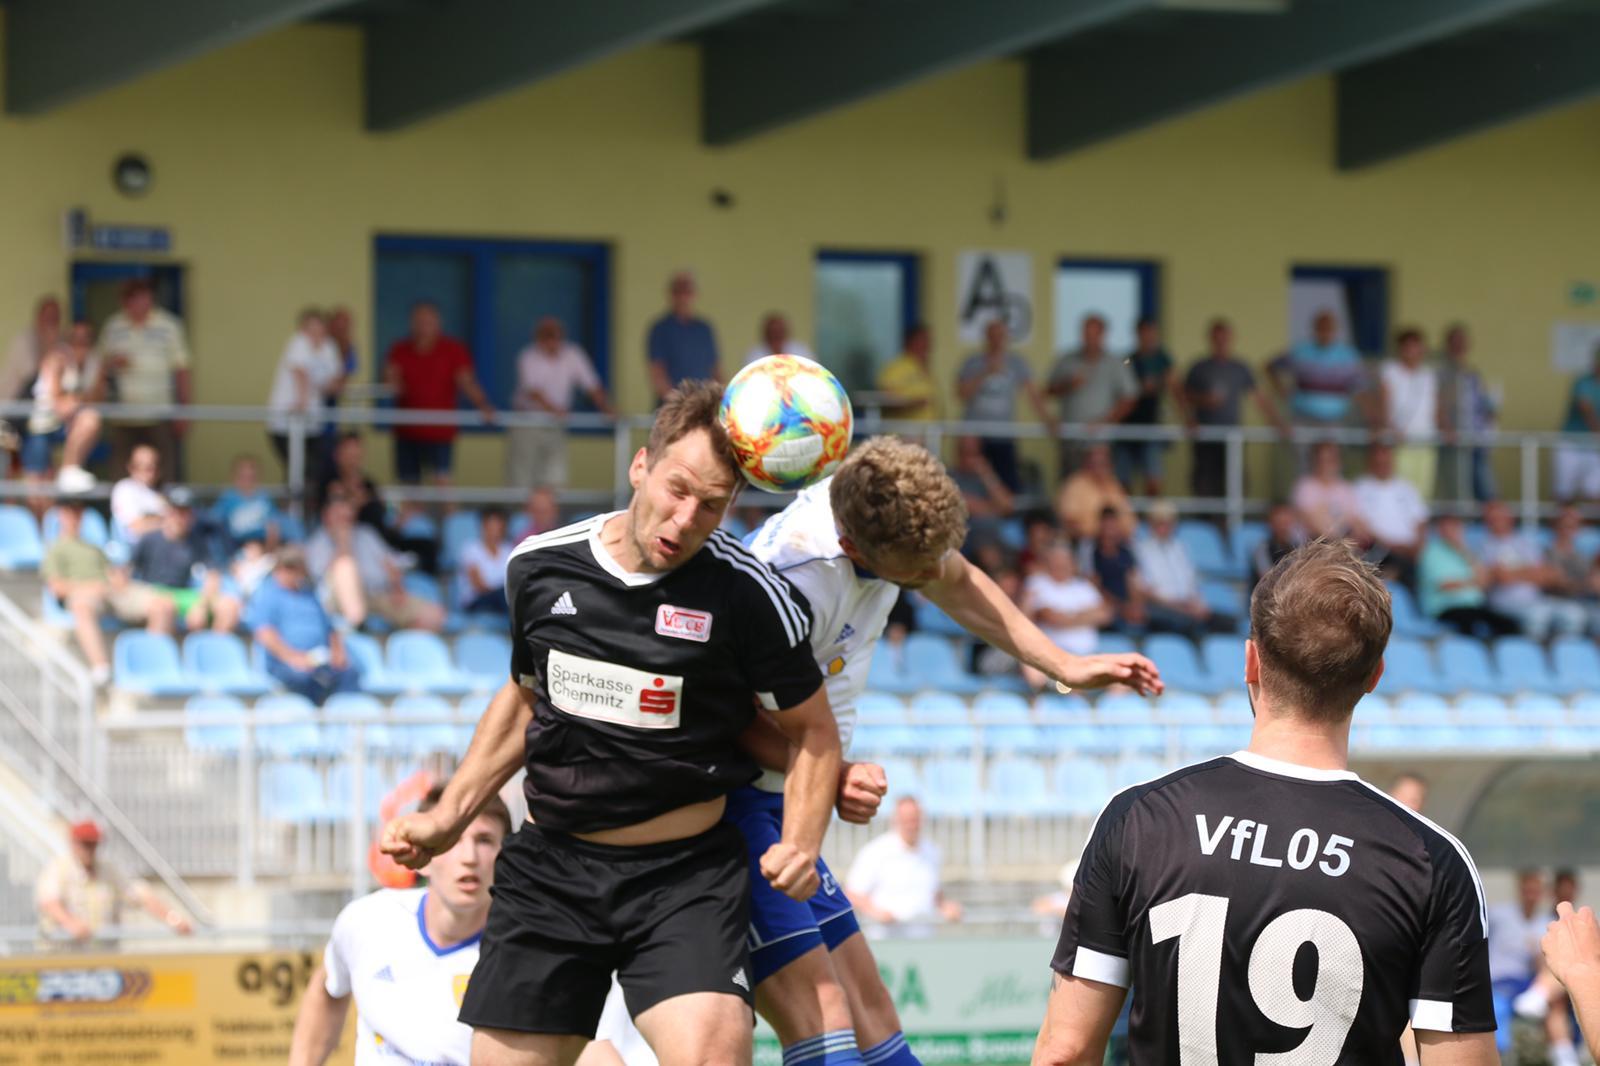 30.-Spieltag-FSV-63-Luckenwalde-VfL-05-Hohenstein-Ernstthal-5